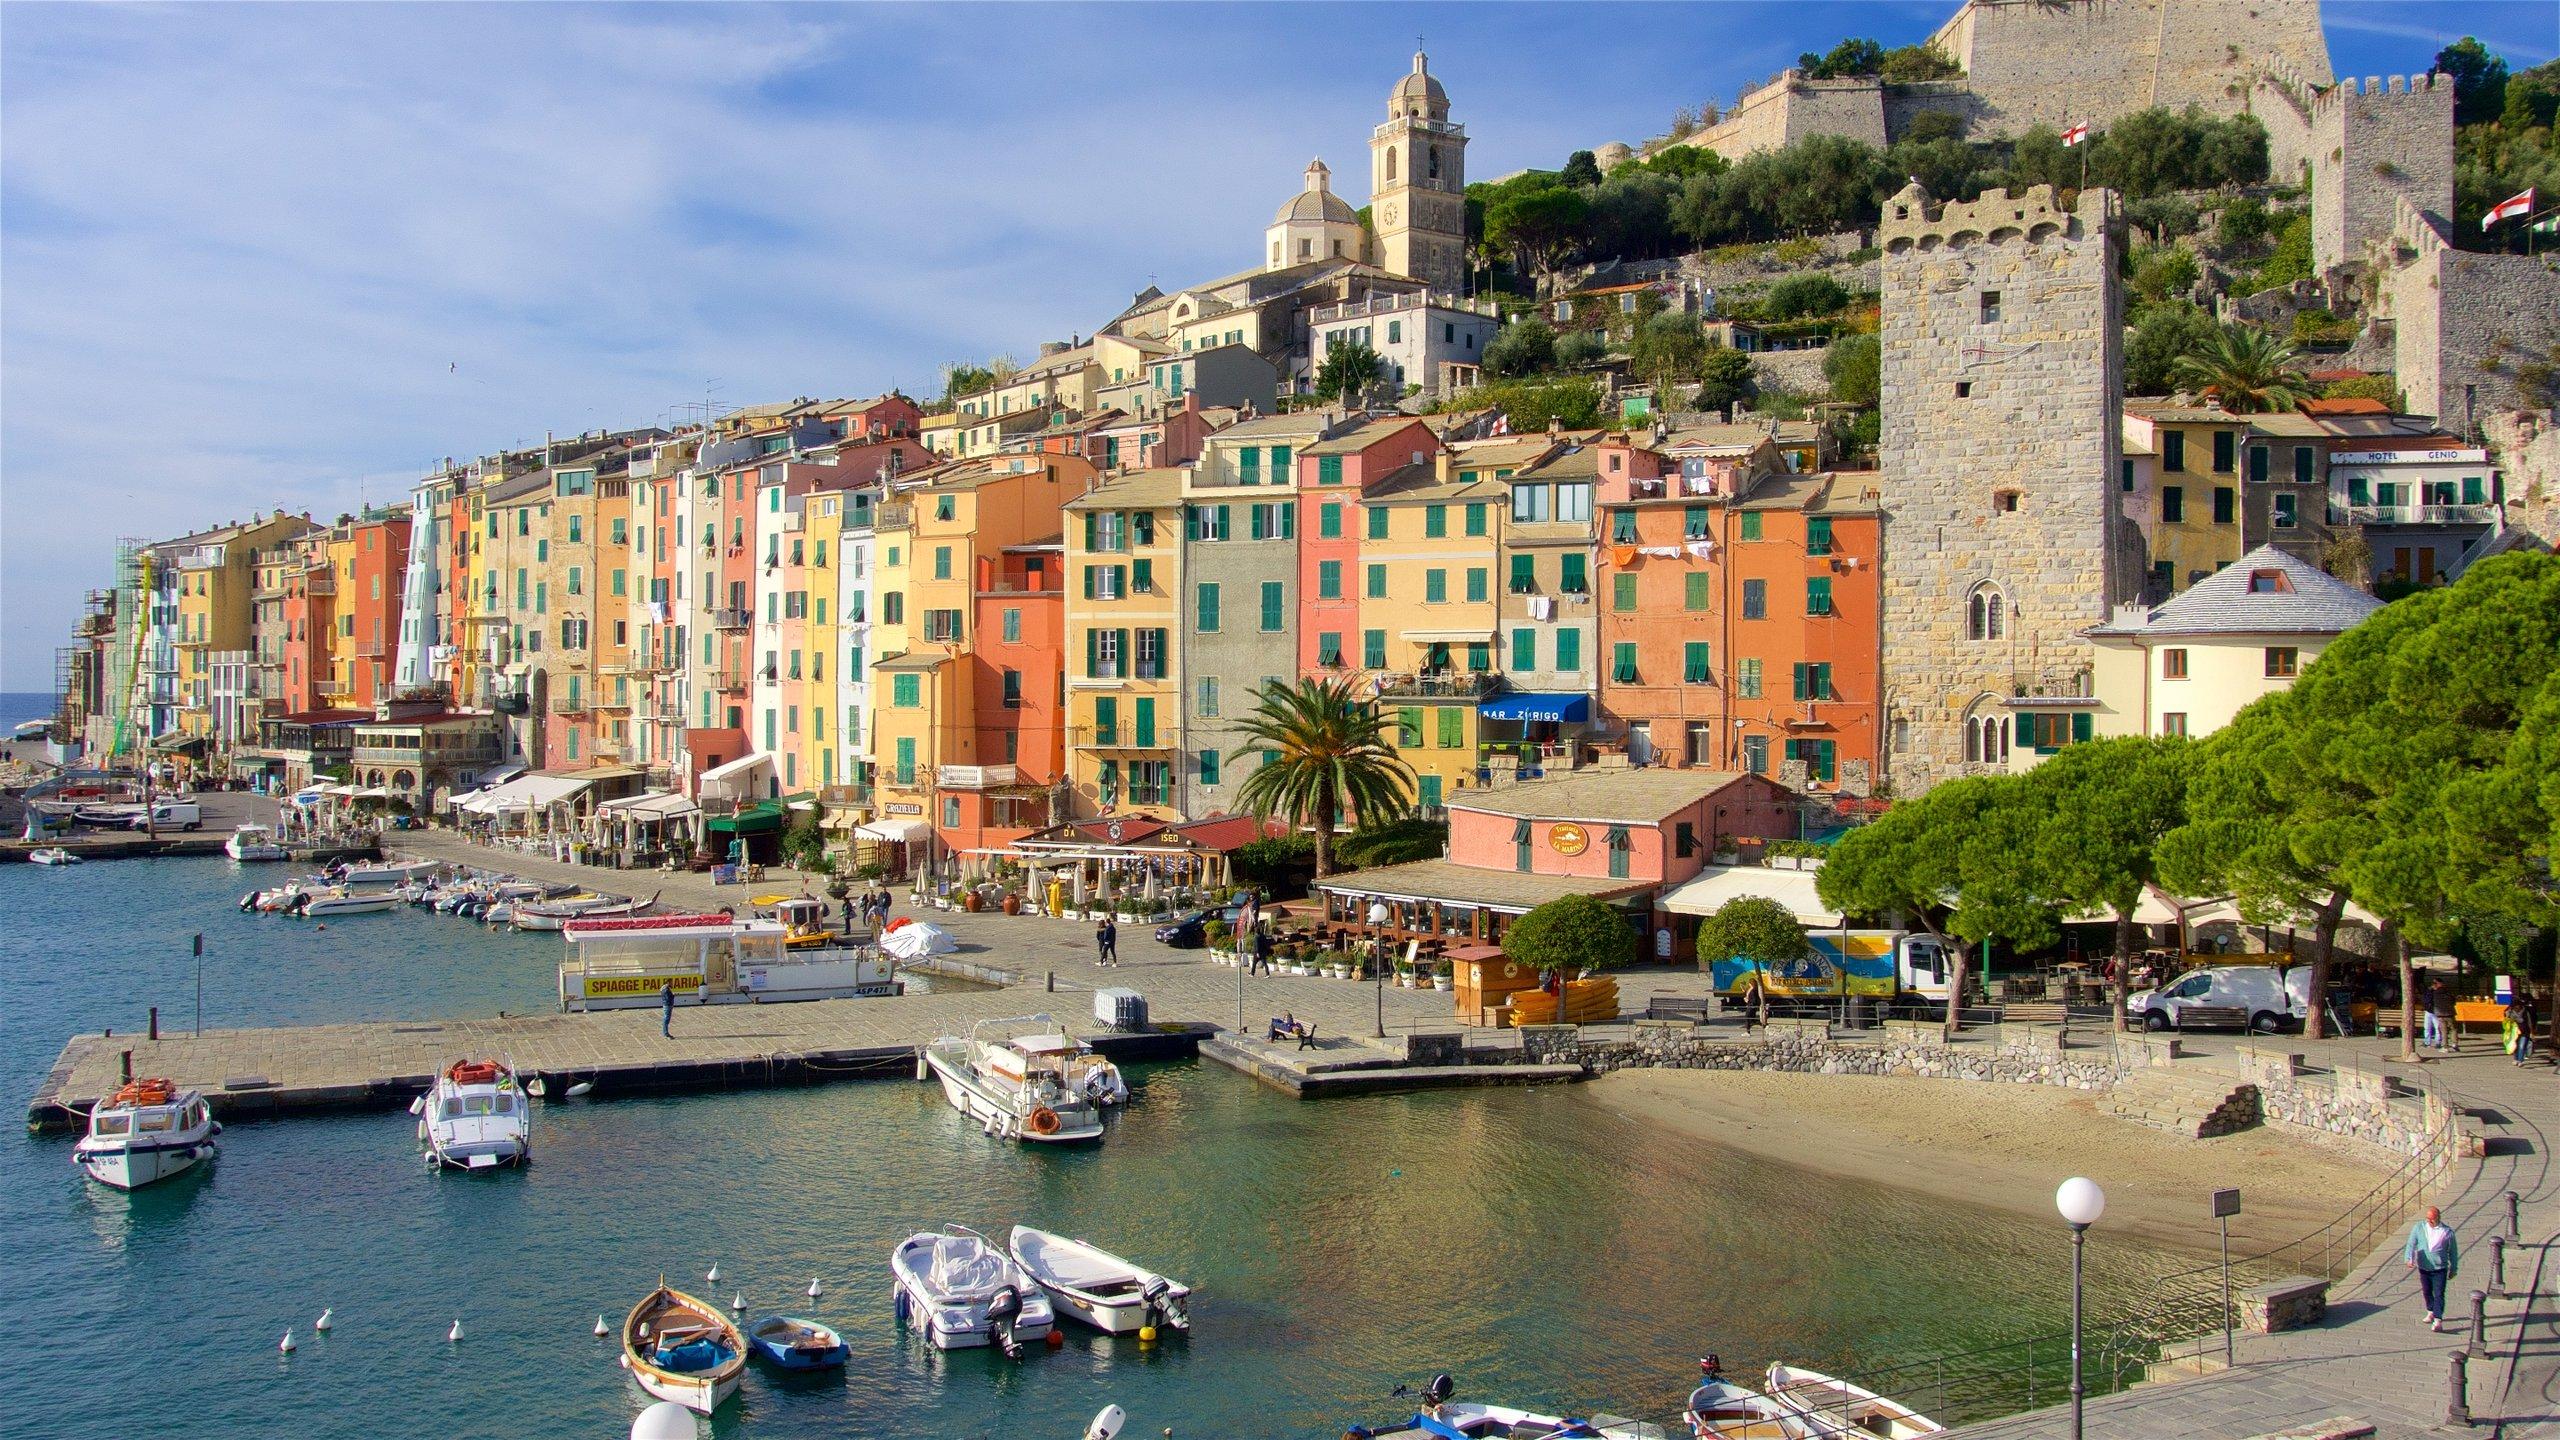 Italian Riviera, Italy